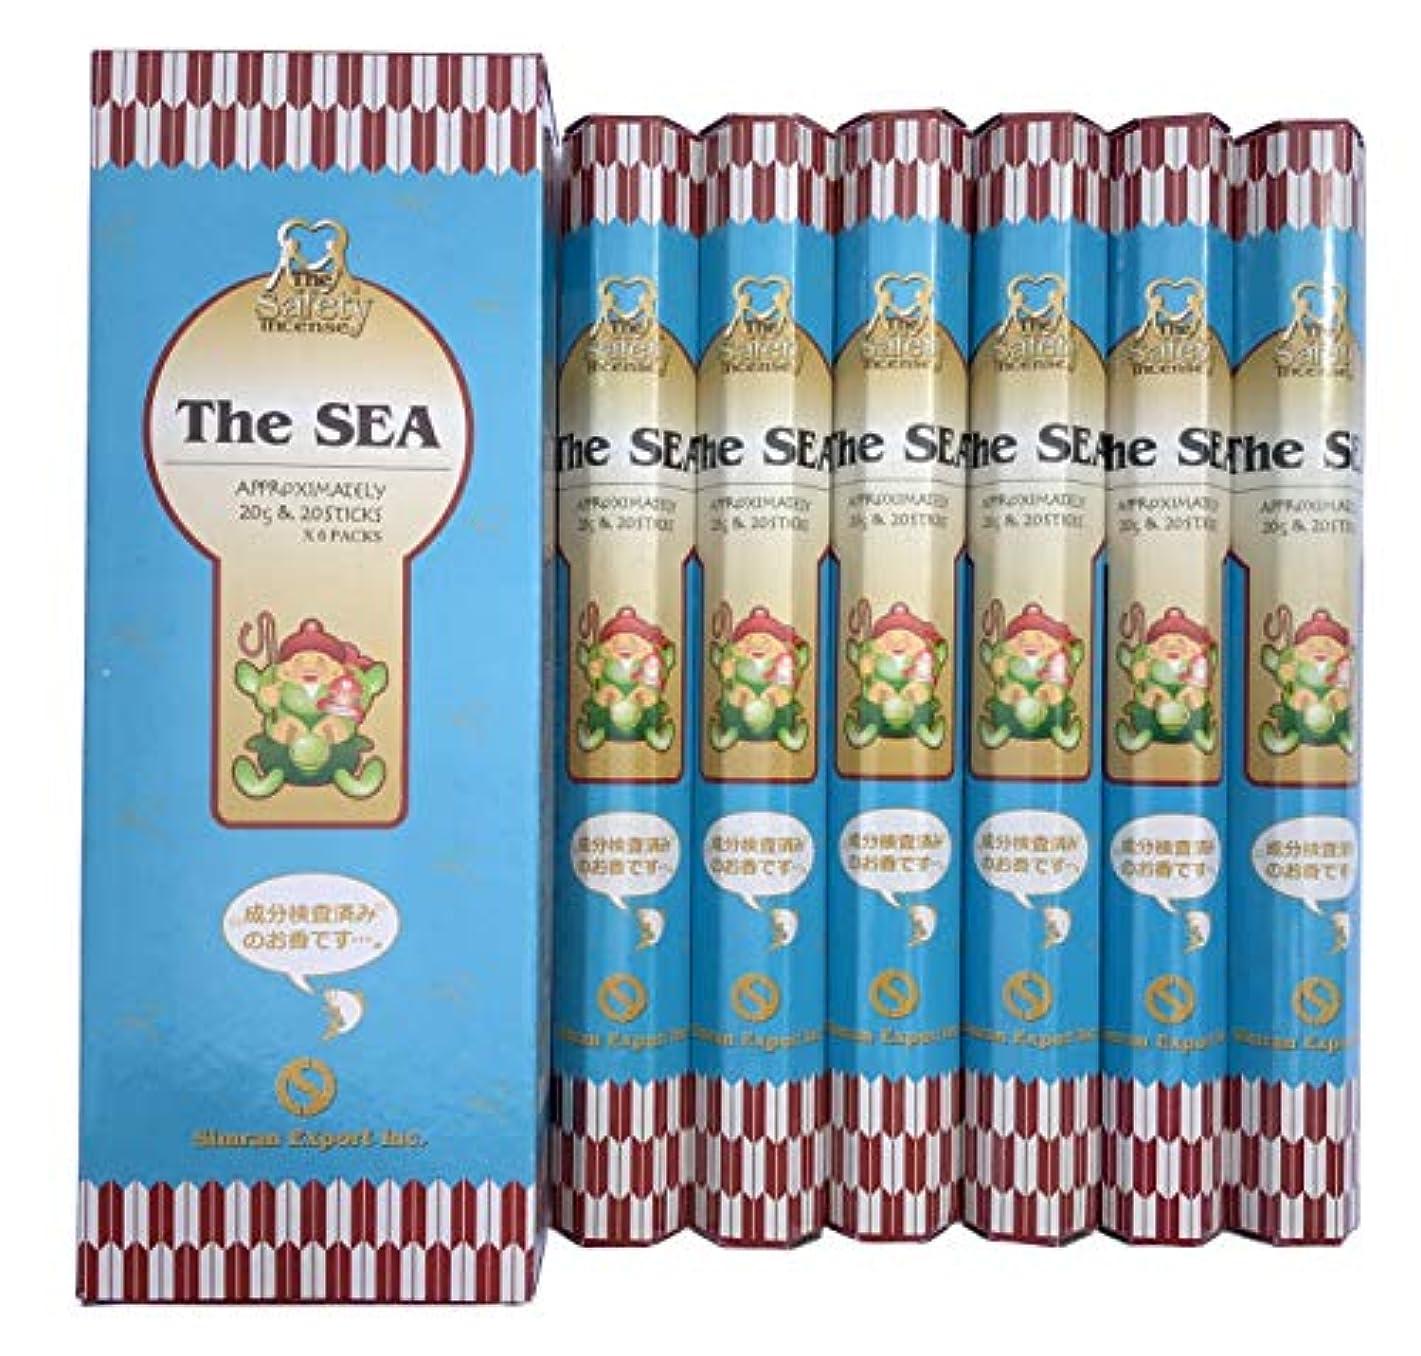 更新する泥だらけつばインド香 The SEA ザ?シー 潮風の香り スティック 6個セット シムラン社 成分検査済み